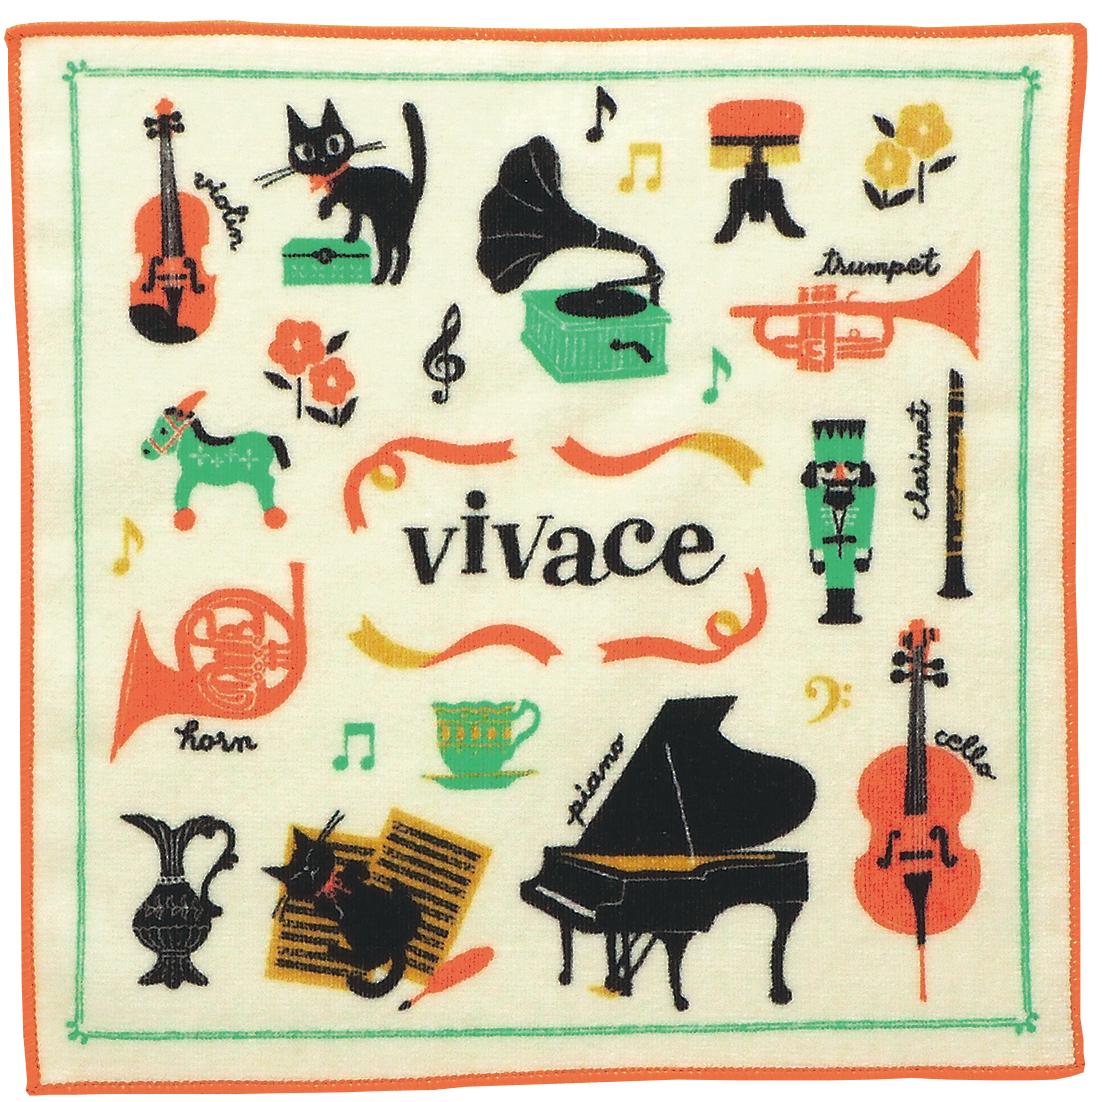 ハンカチタオル vivace ※お取り寄せ商品 引き出物 記念品 音楽雑貨 音符 ピアノモチーフ ト音記号 ピアノ雑貨